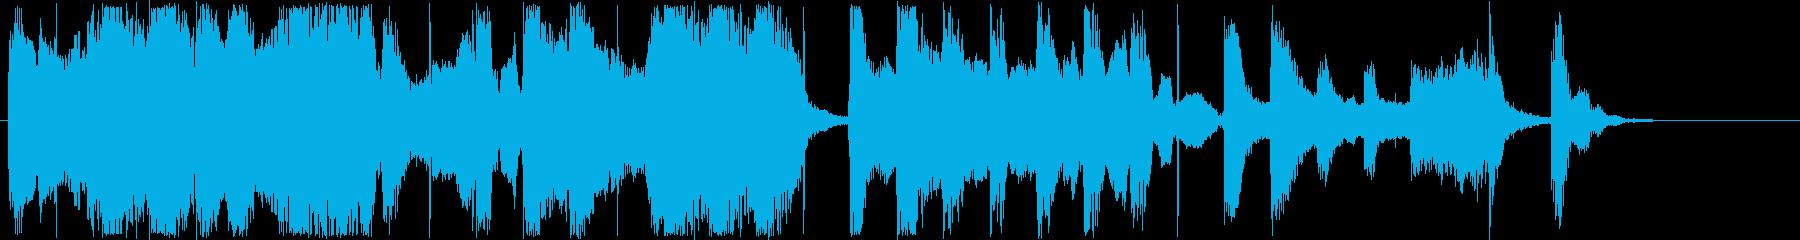 のんびり感シンセサイザー短めジングルの再生済みの波形